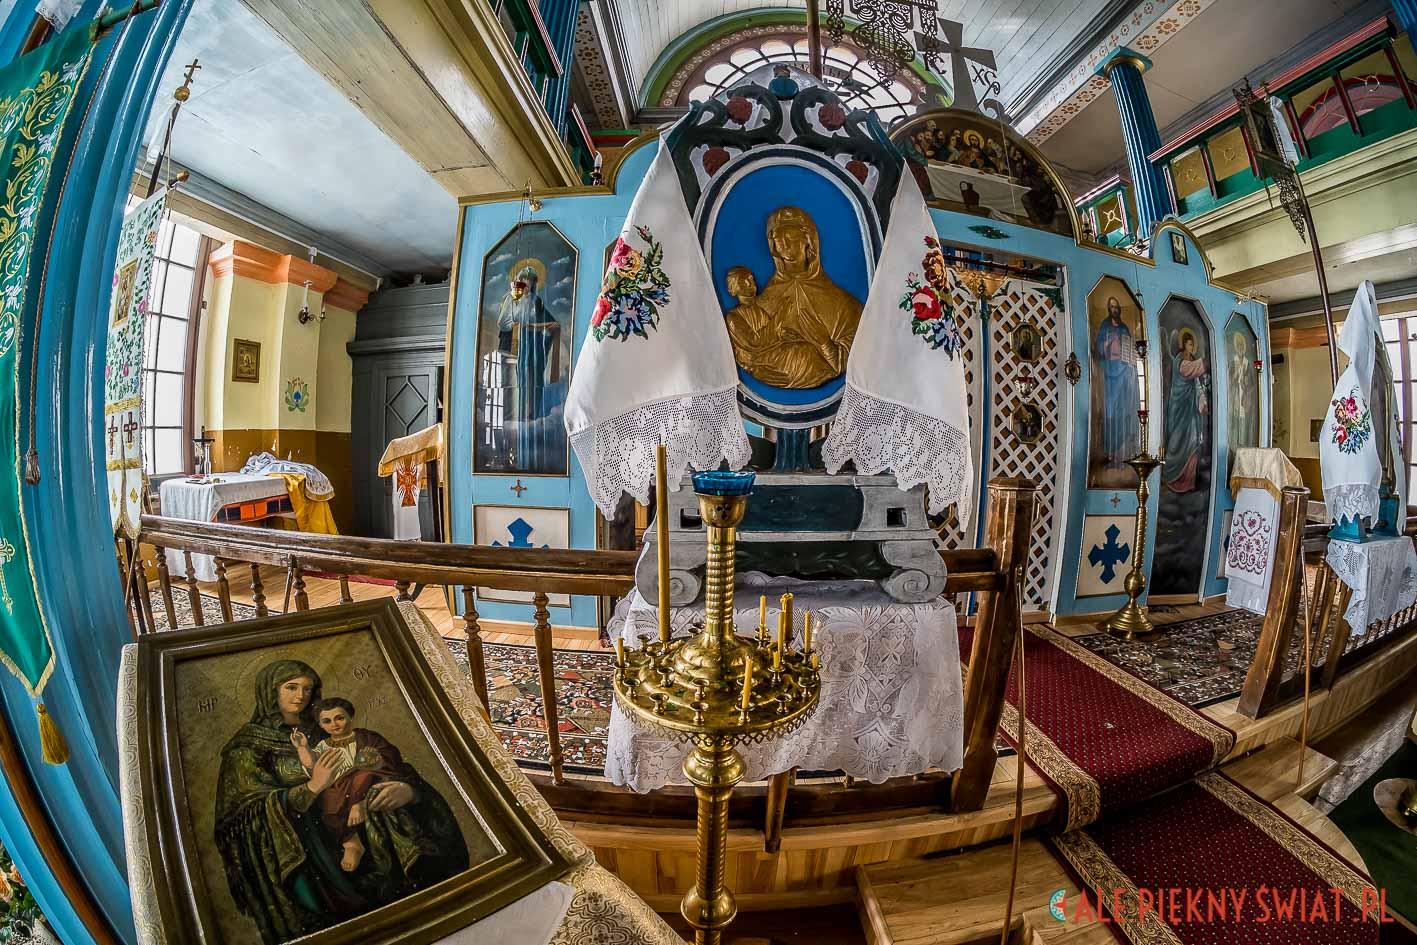 Wnętrze cerkwii grekokatolickiej w Ornecie na warmii